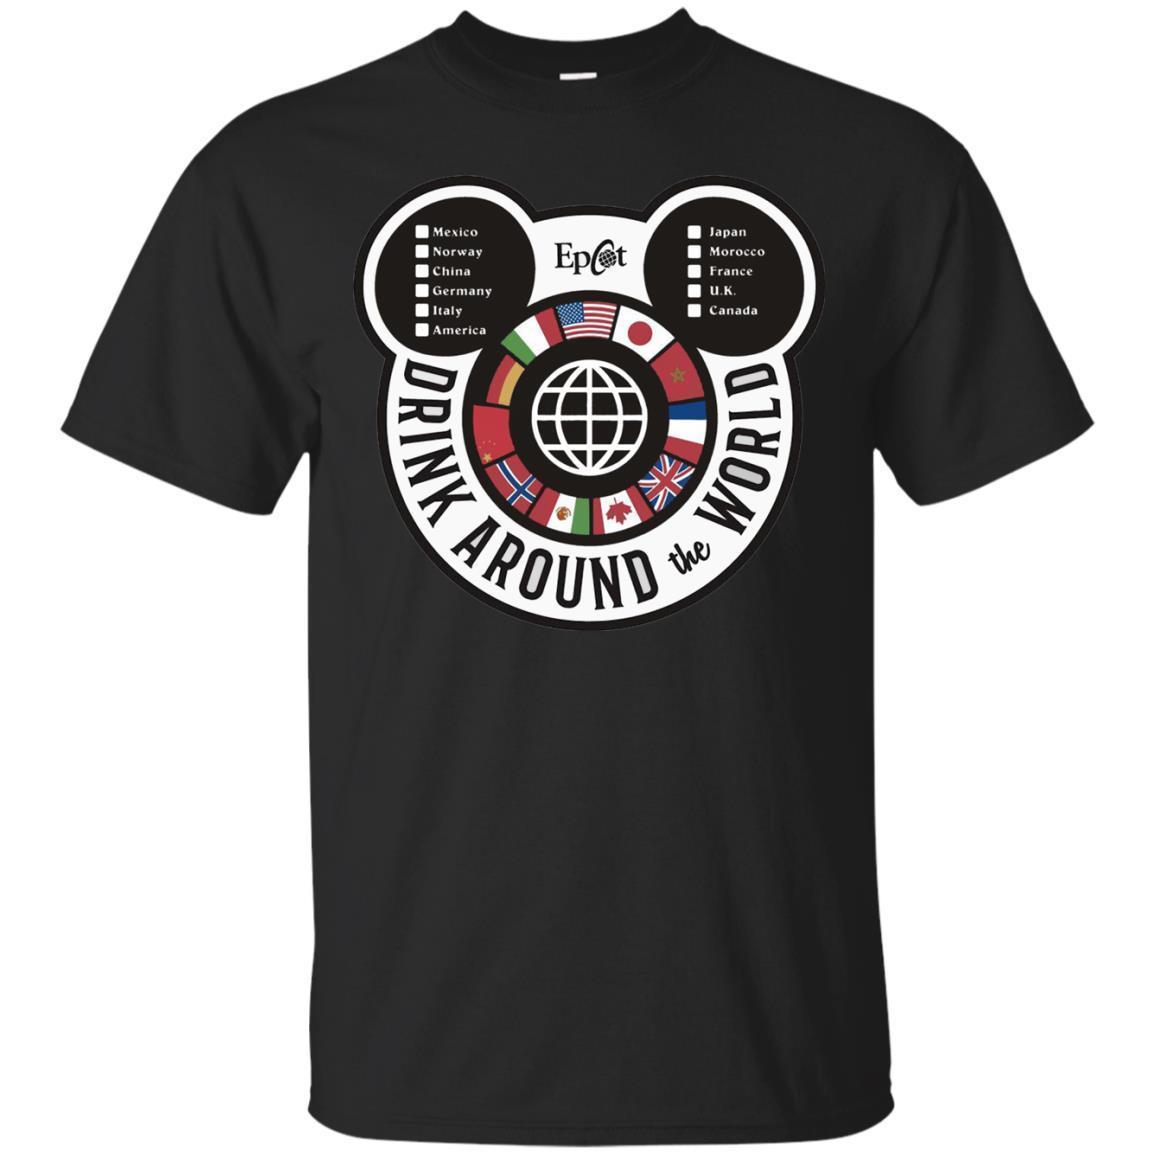 Drink Around the World – EPCOT Checklist T-Shirt